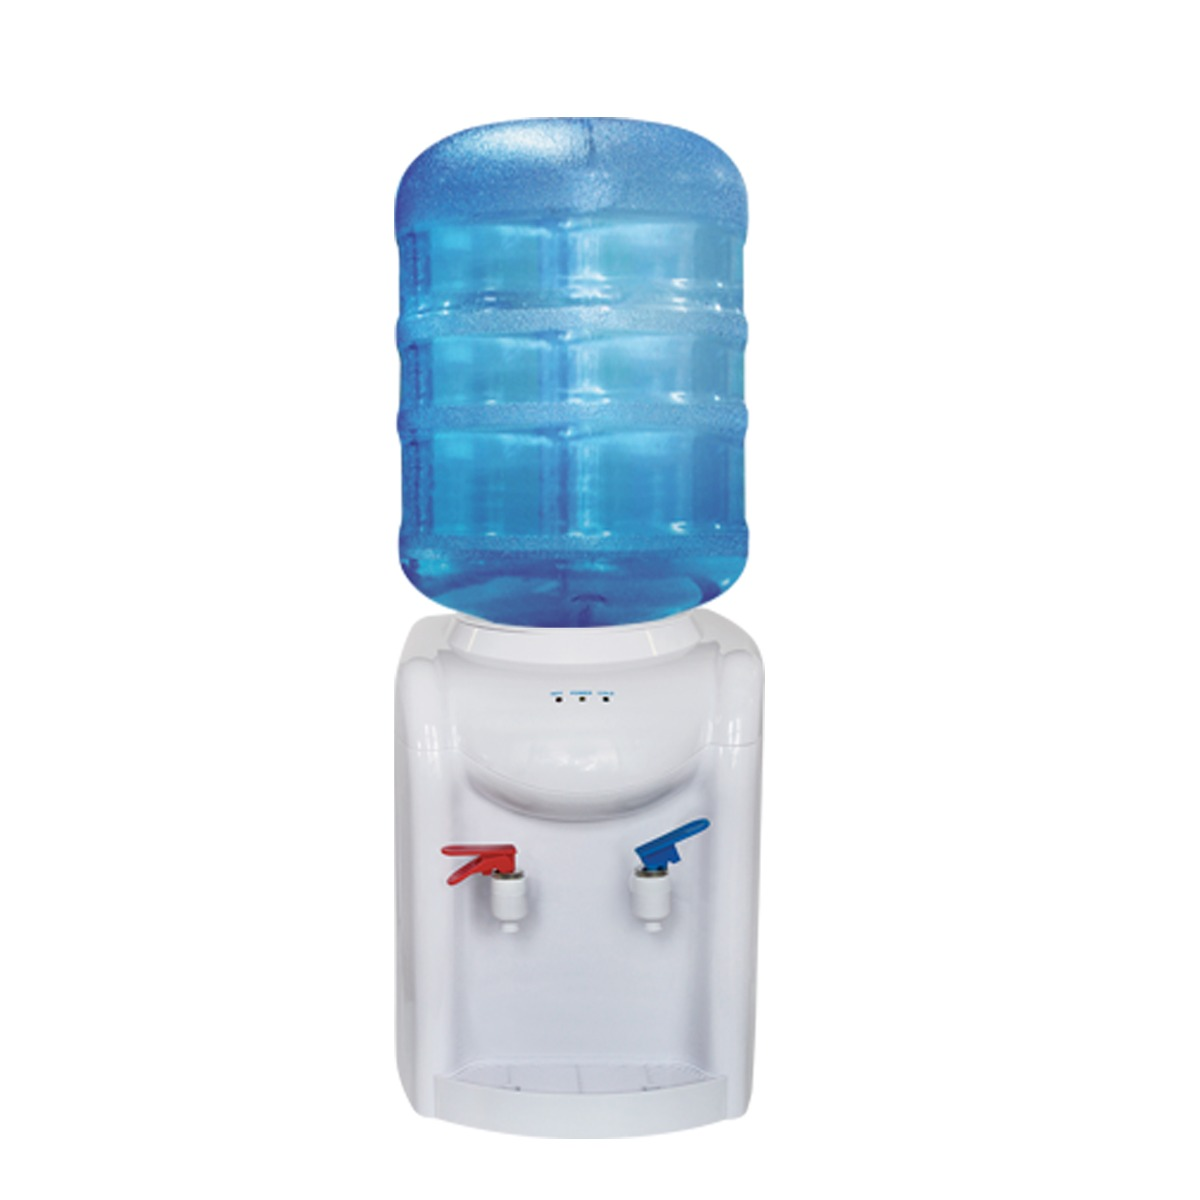 Dispensador De Agua Fr A Y Caliente 1 En Dispensador Agua Fria Carrefour